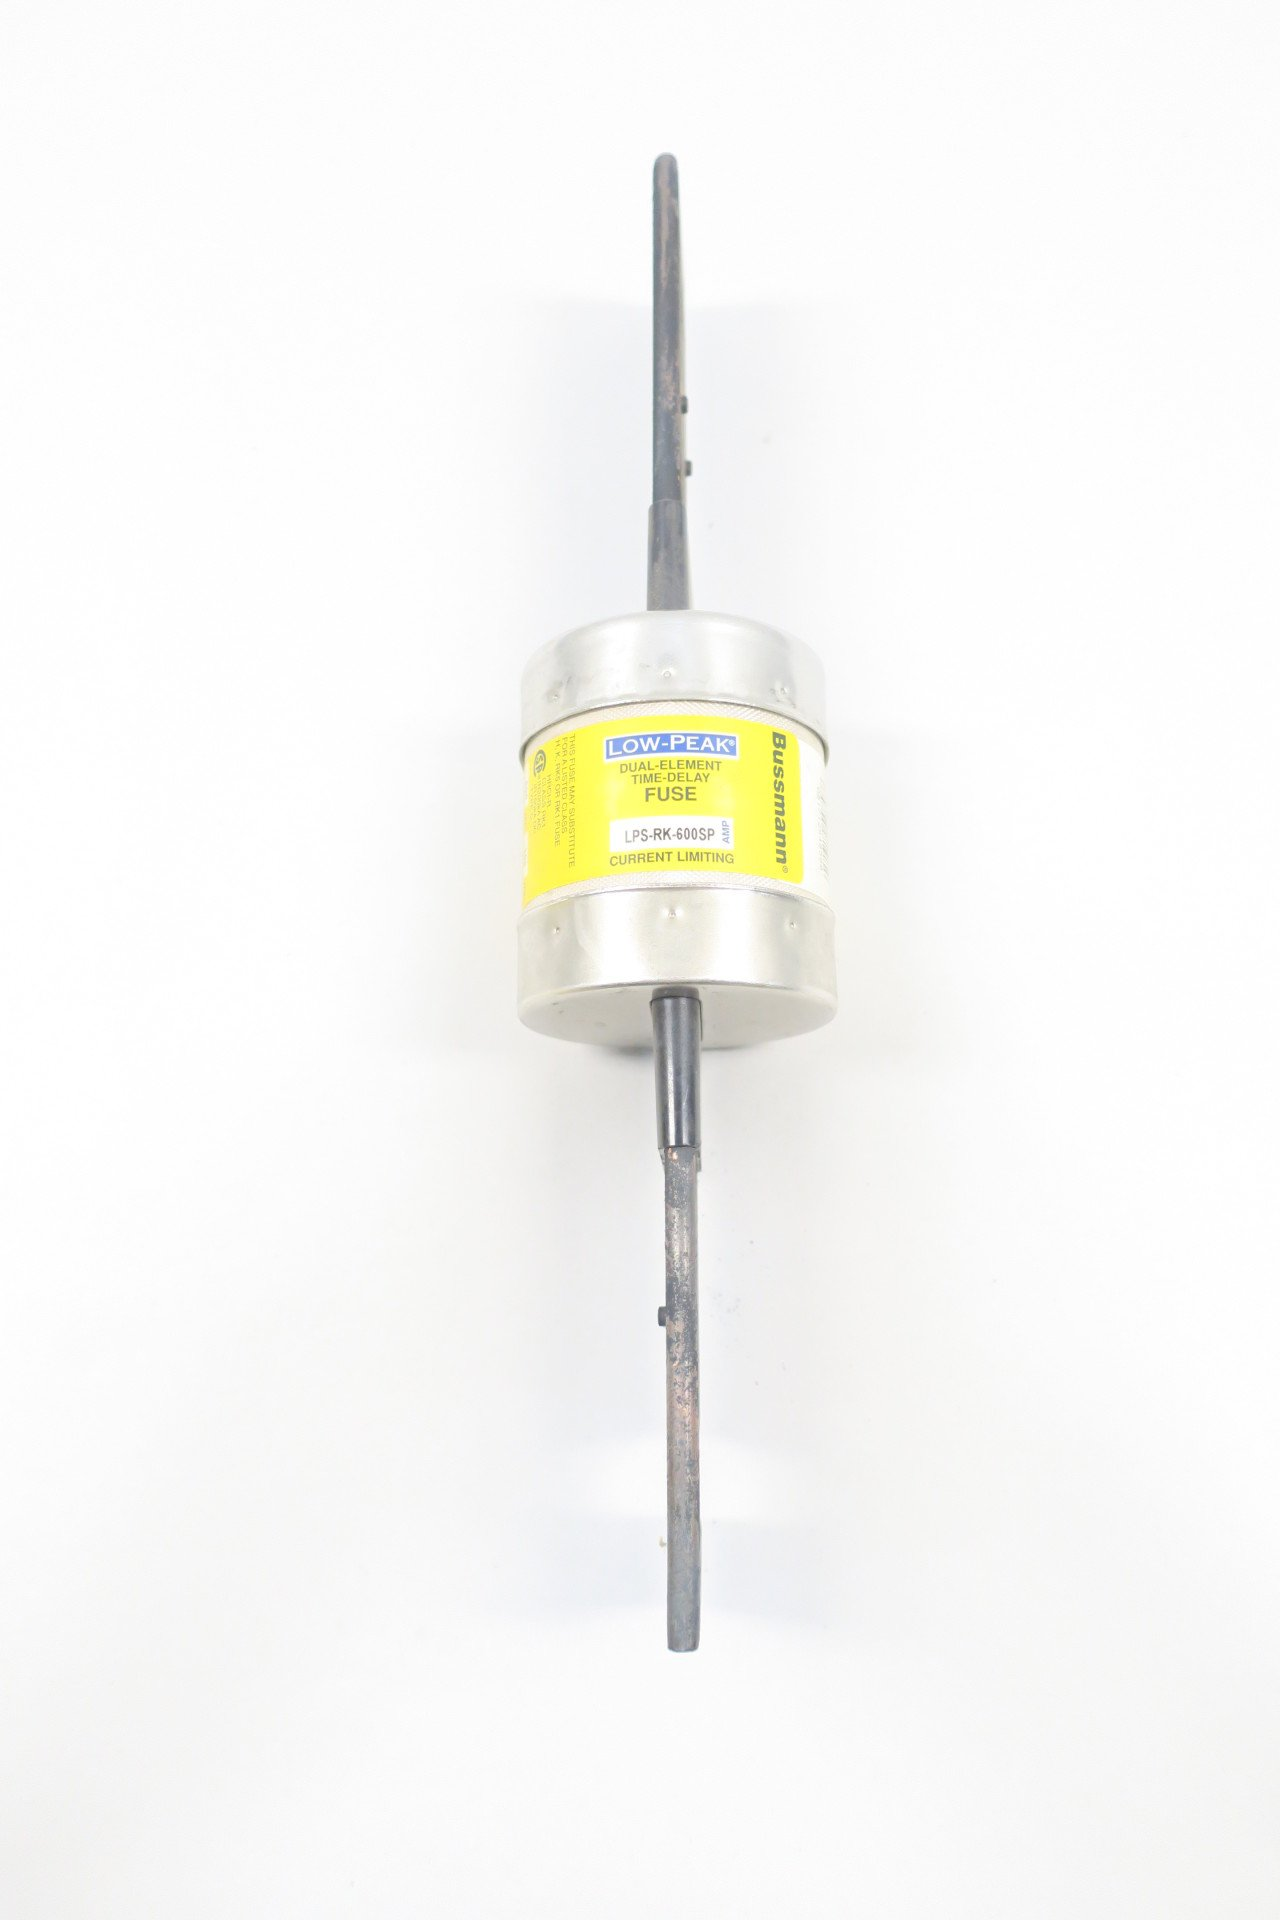 COOPER BUSSMANN LPS-RK-600SP LOW-PEAK 600A FUSE 600V-AC 300V-DC D585451